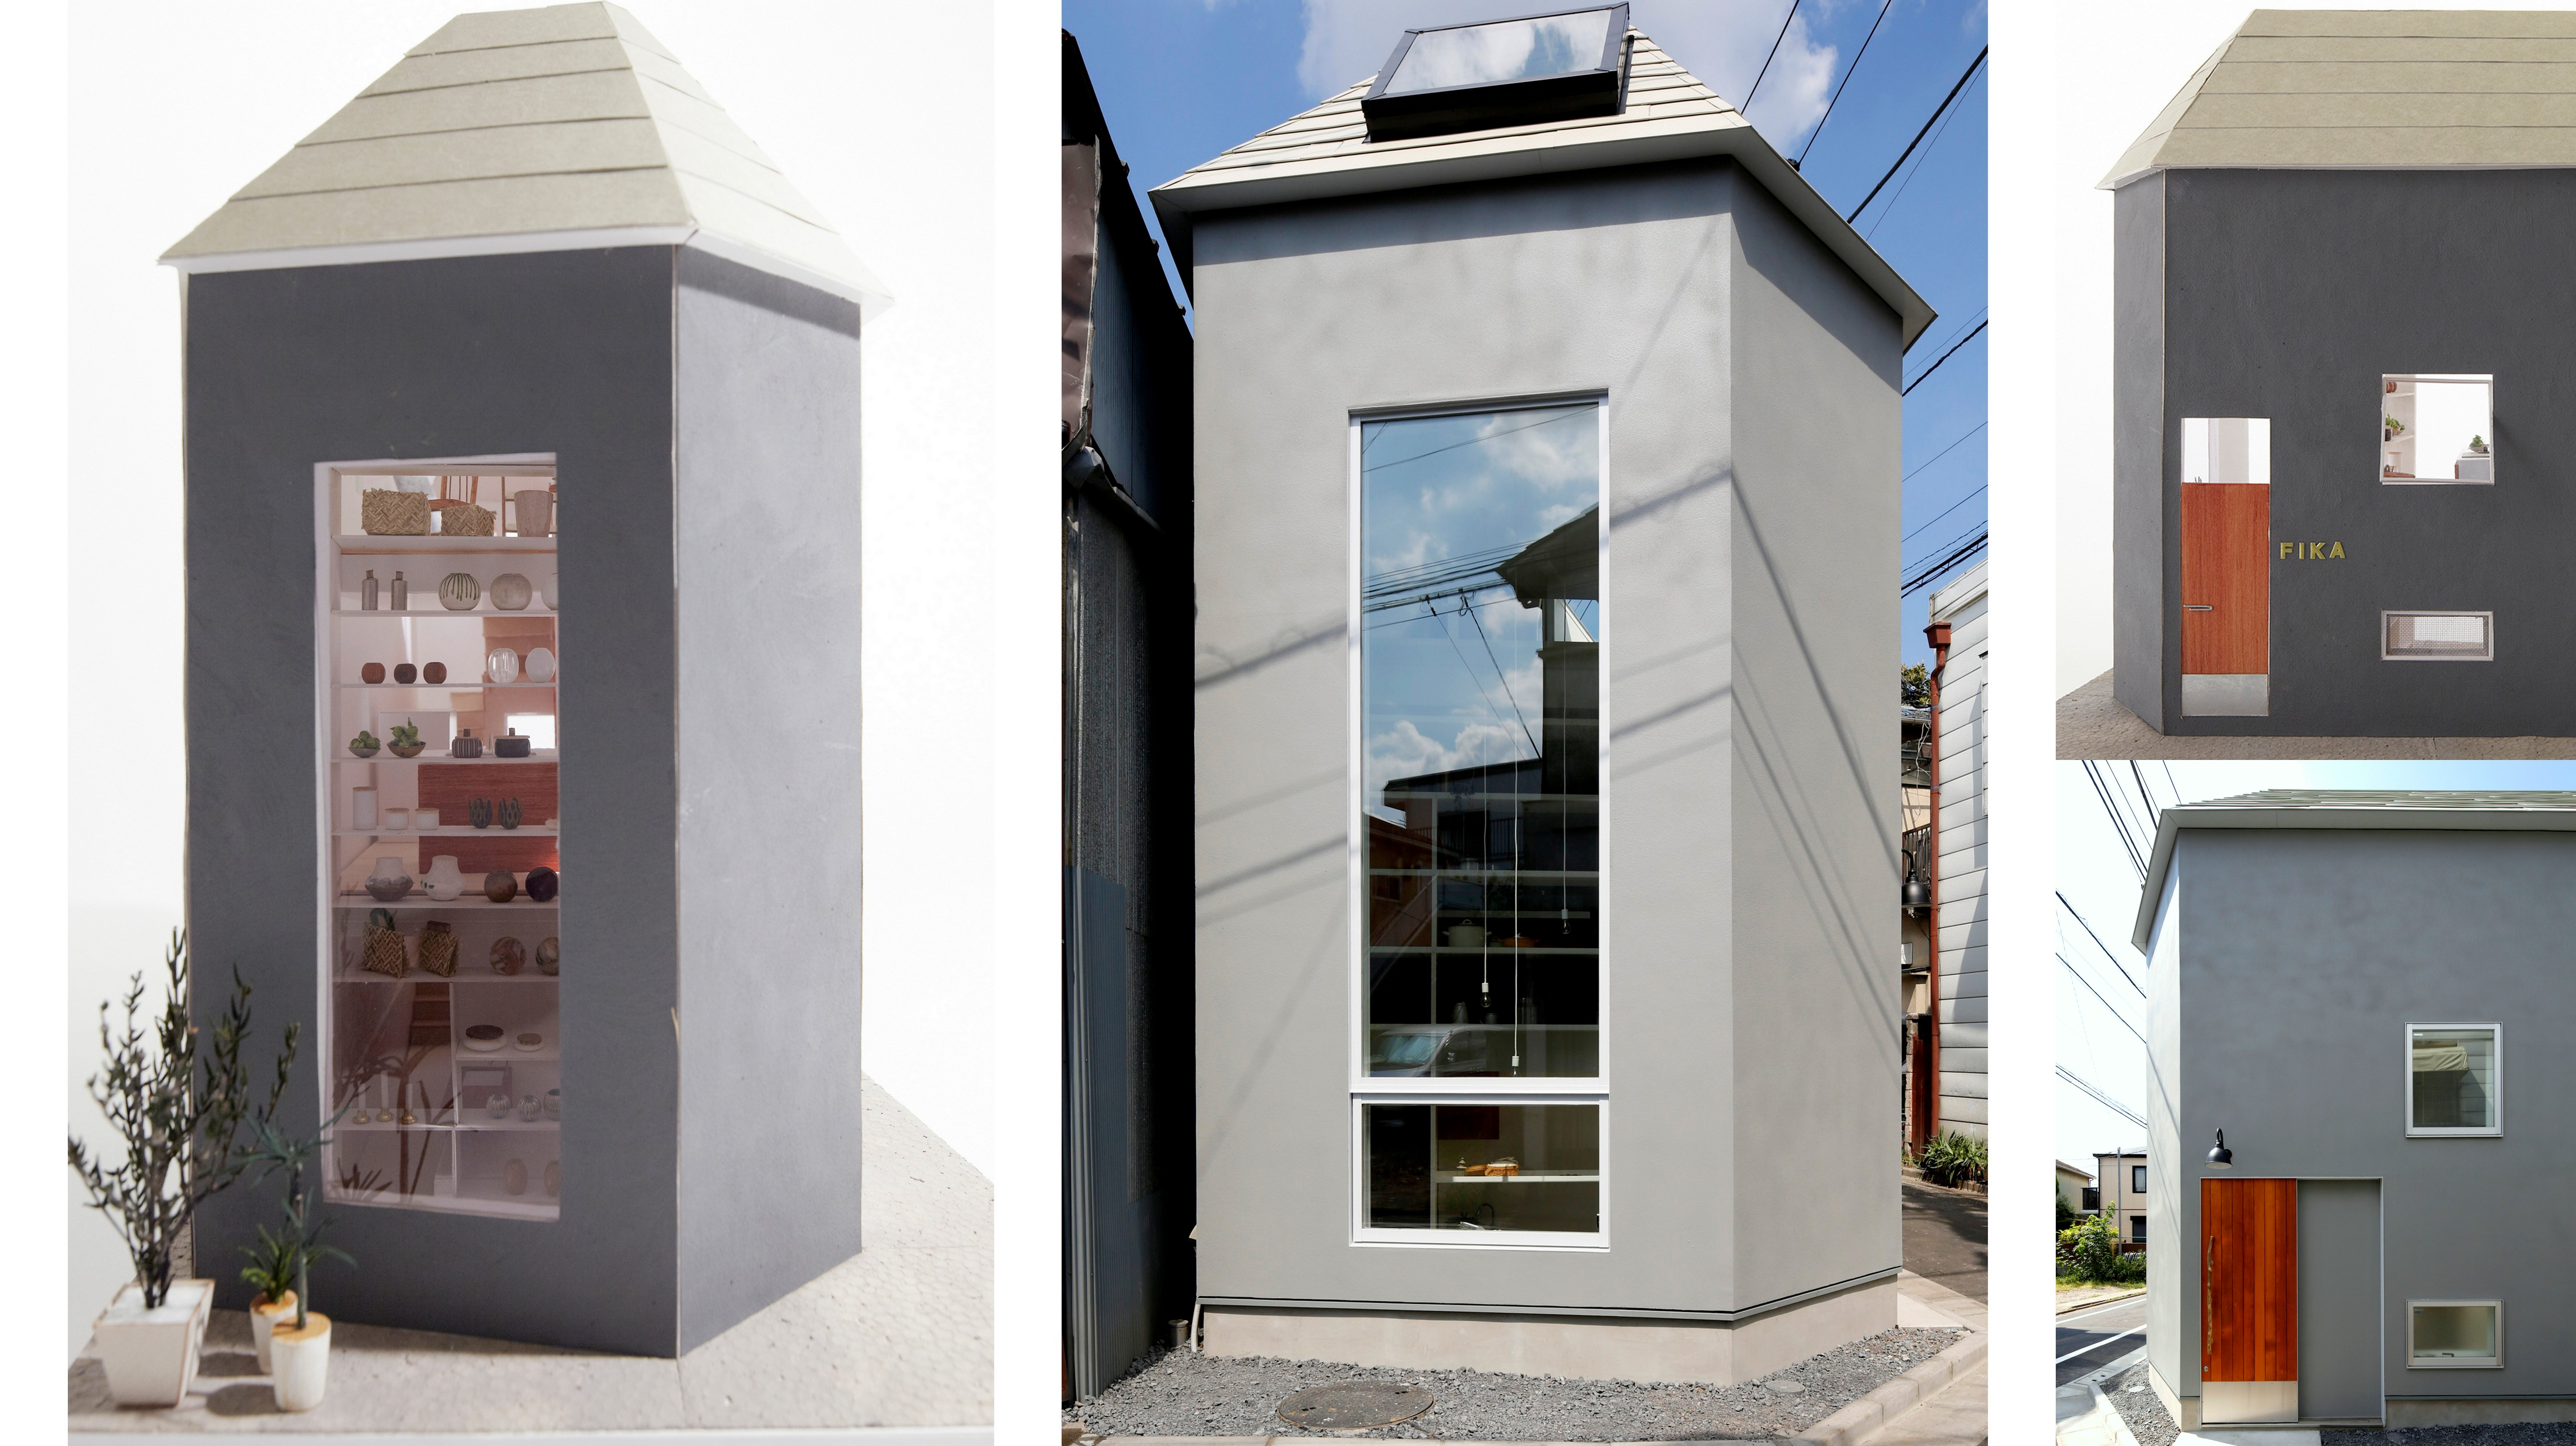 模型で見る、住居スペースの設計変遷。7坪ハウス流・建築家の選び方(後編)